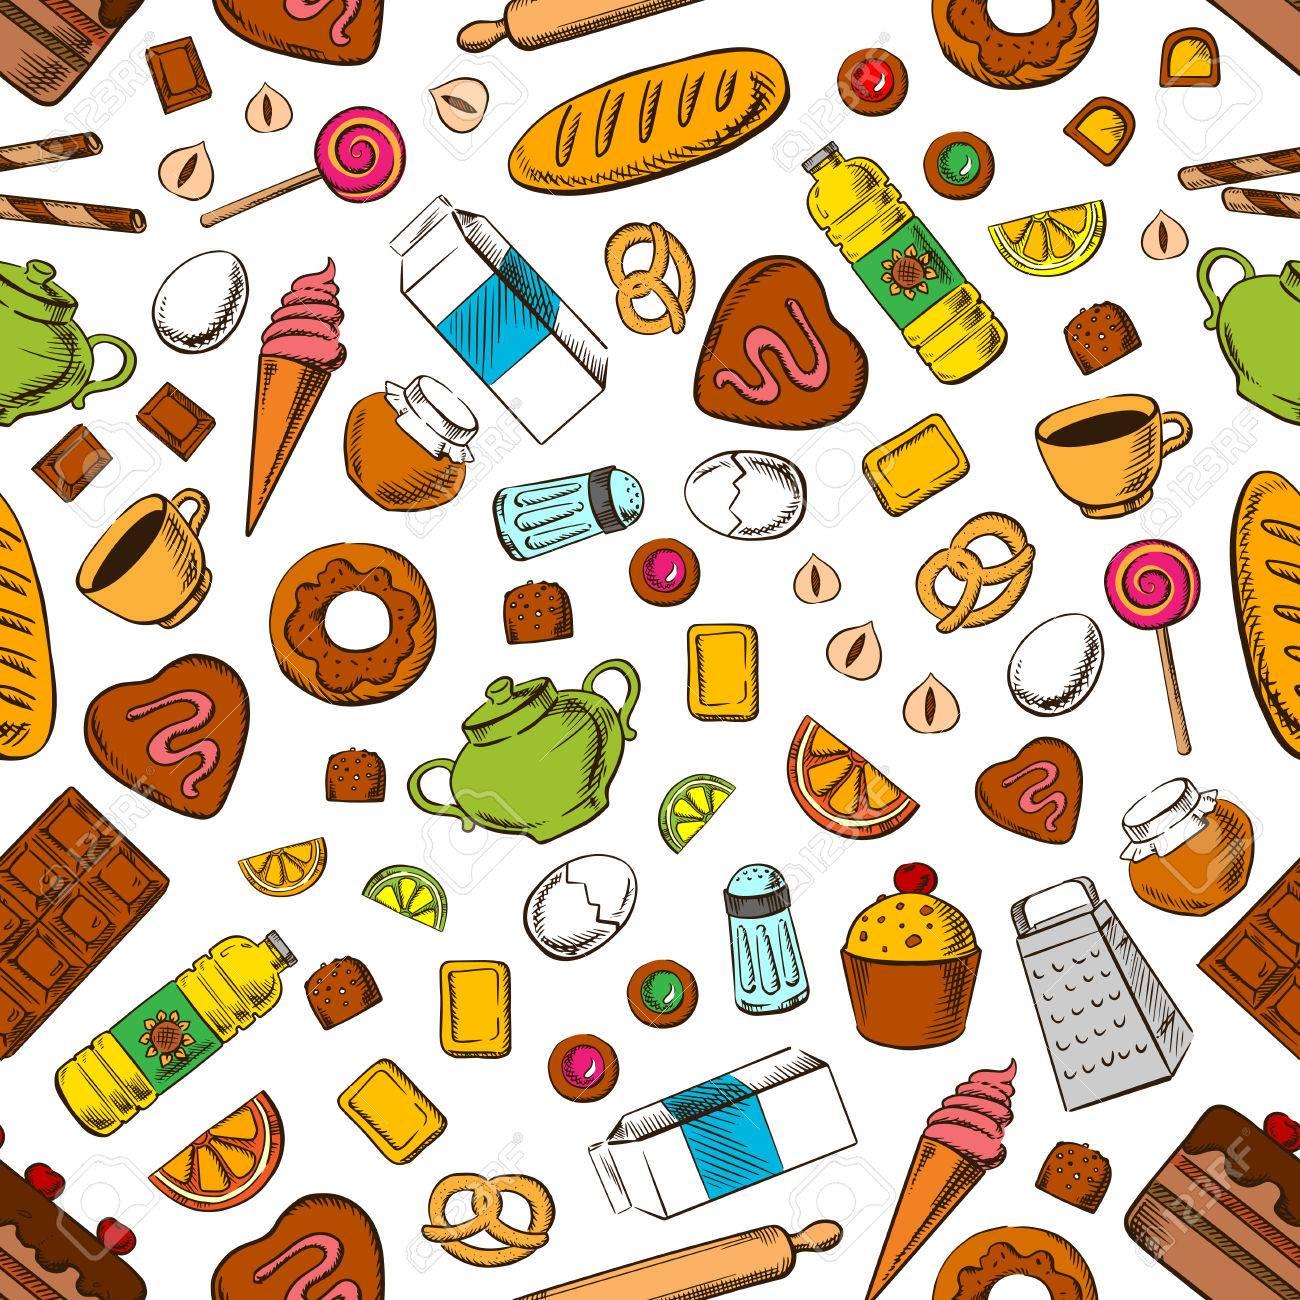 Full Size of Tgliche Mahlzeit Nahtlose Hintergrund Tapete Mit Muster Von U Form Küche Ikea Kosten Sitzecke Modulküche Billig Kaufen Eiche Hell Wasserhahn Einbauküche Wohnzimmer Tapete Küche Kaffee